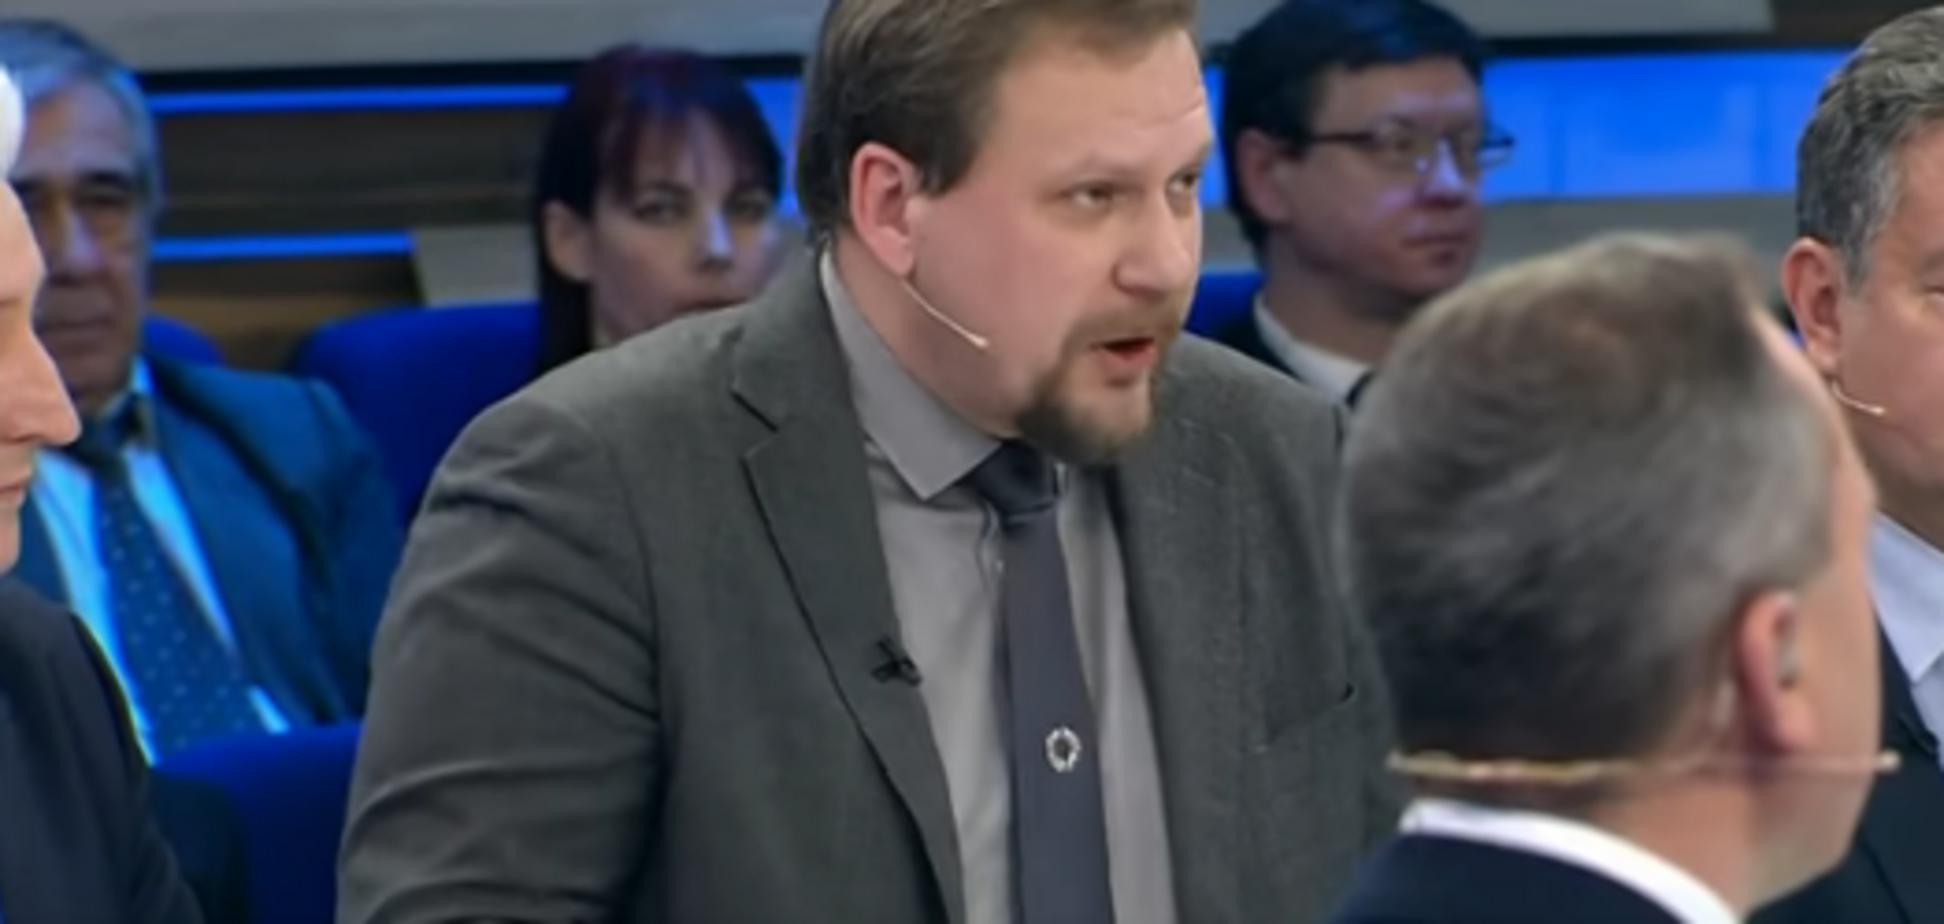 ''Прийде Хмельницький!'' Голос ''антимайдану'' замарив об'єднанням України з Росією